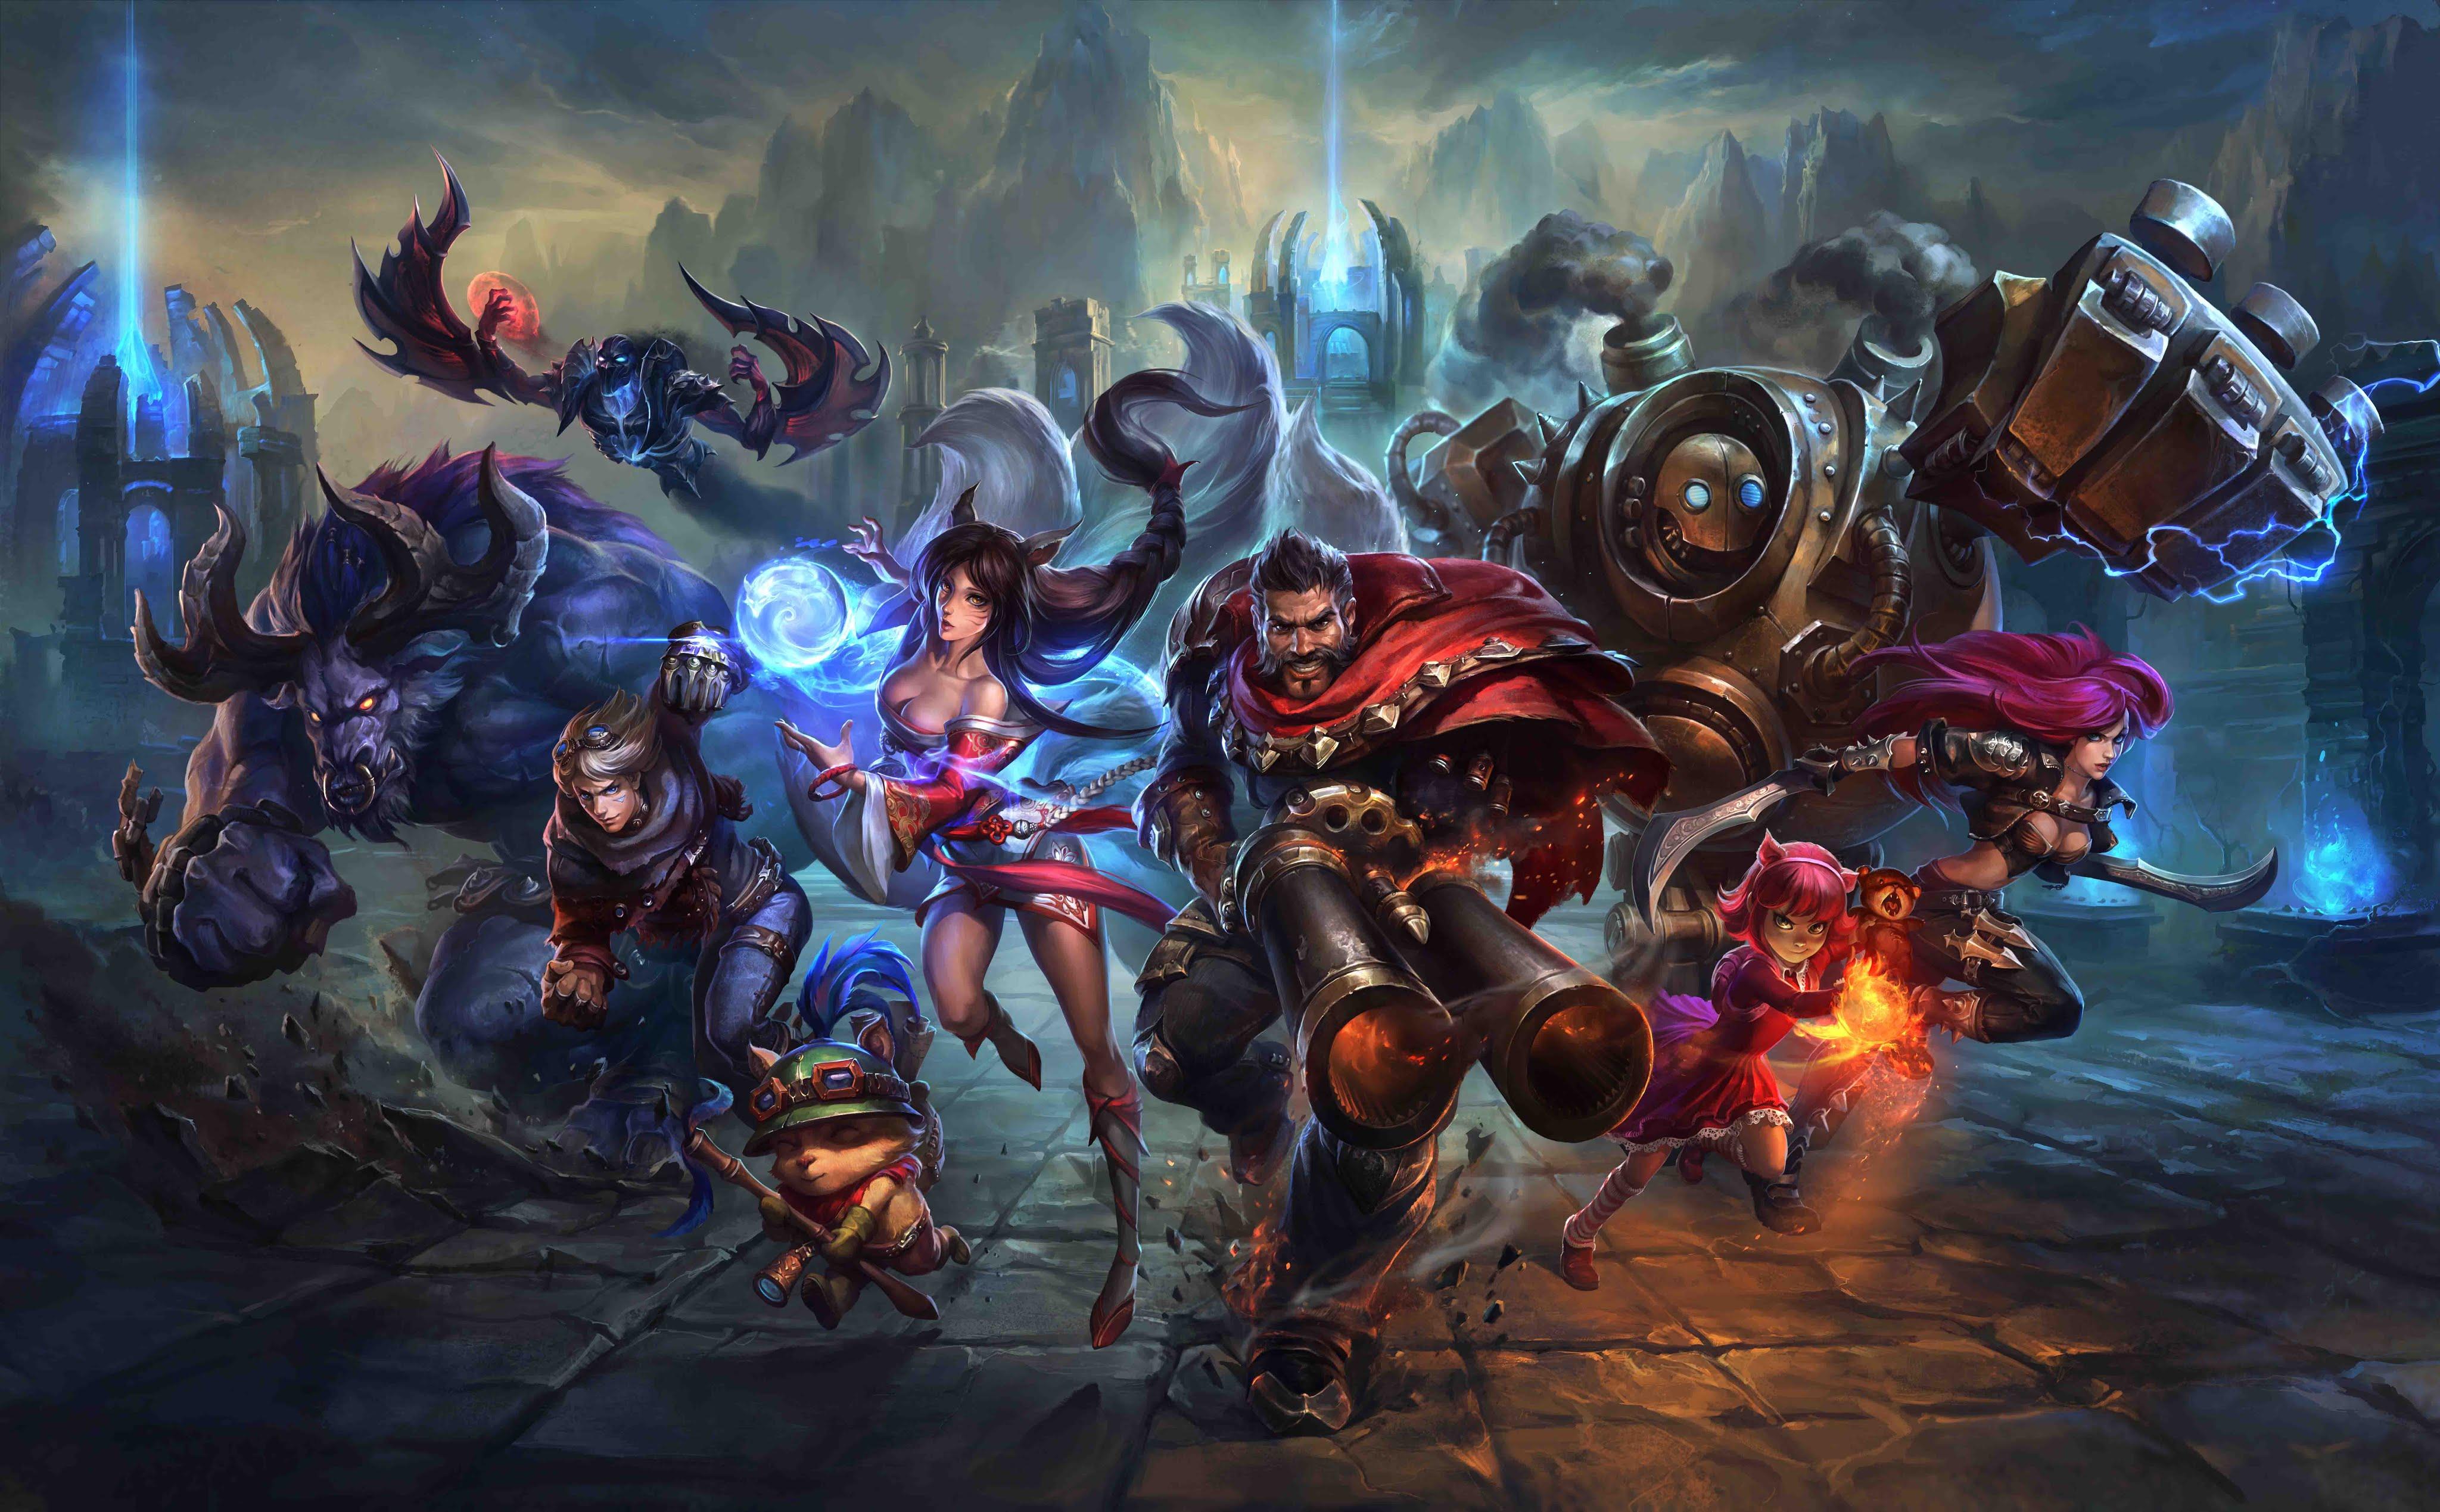 Poradnik League of Legends dla bardzo opornych – z tym artykułem możesz jechać na IEM 2016